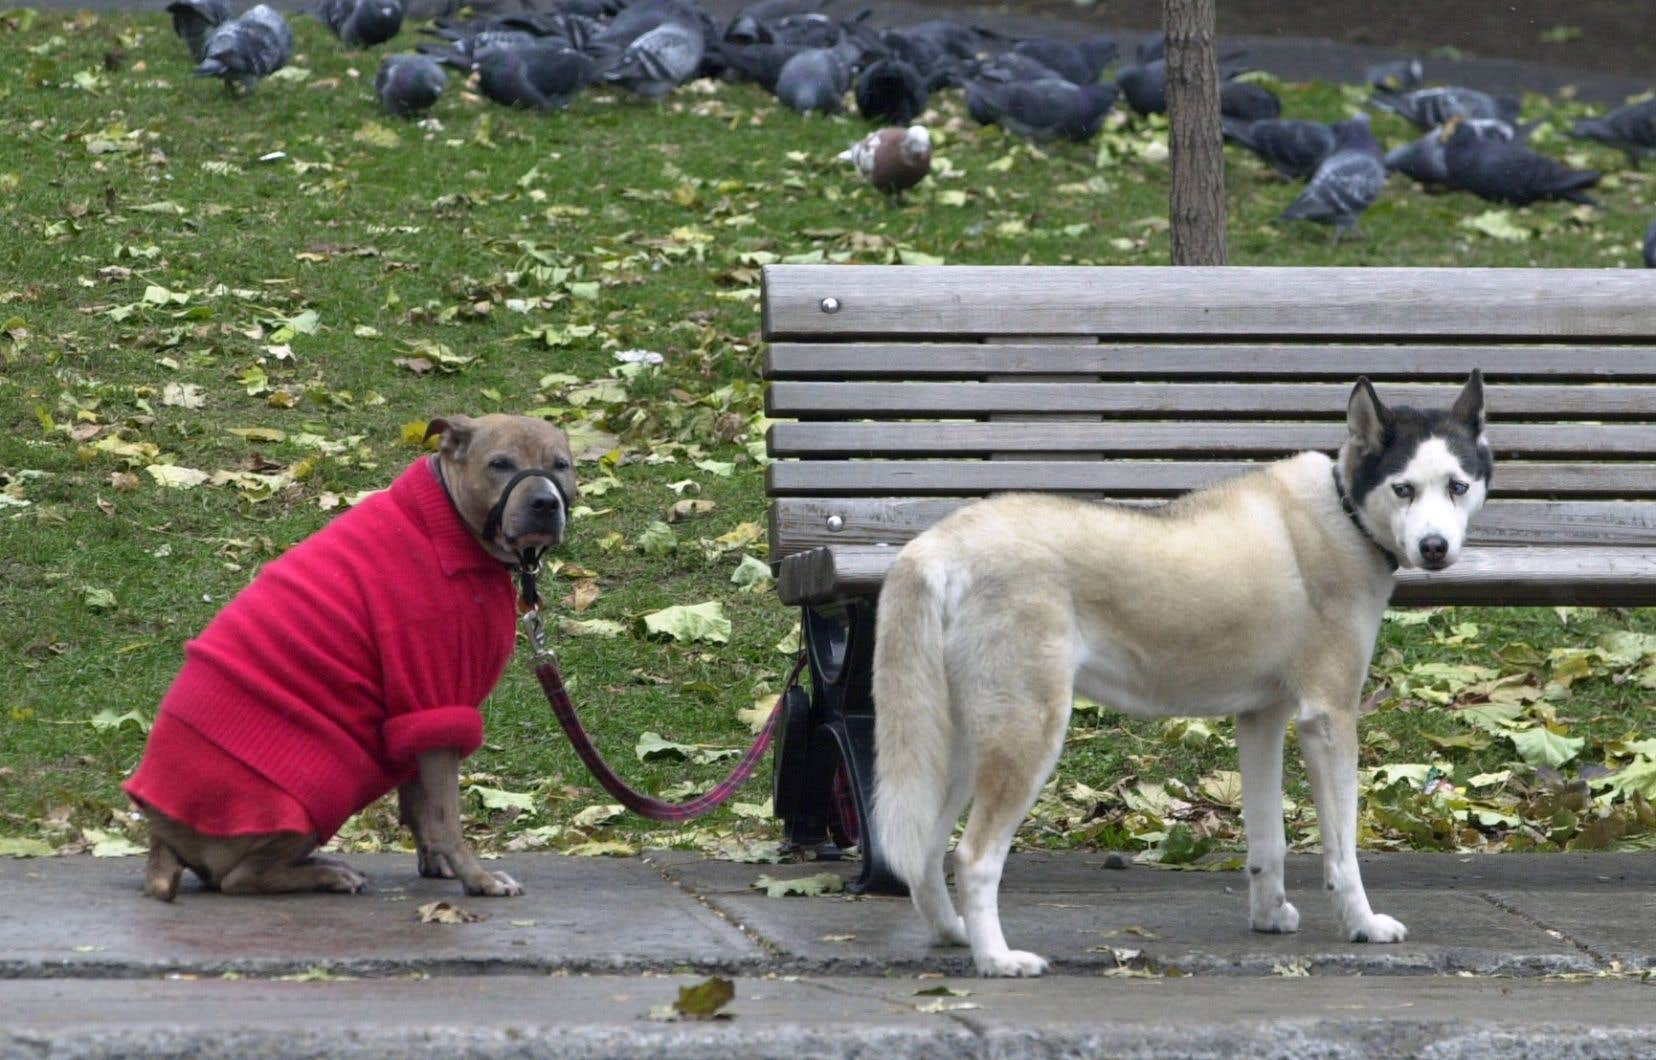 Au-delà du système judiciaire, il faudrait aussi que les citoyens soient plus vigilants et signalent plus vite des situations de maltraitance animale, estime l'auteure.